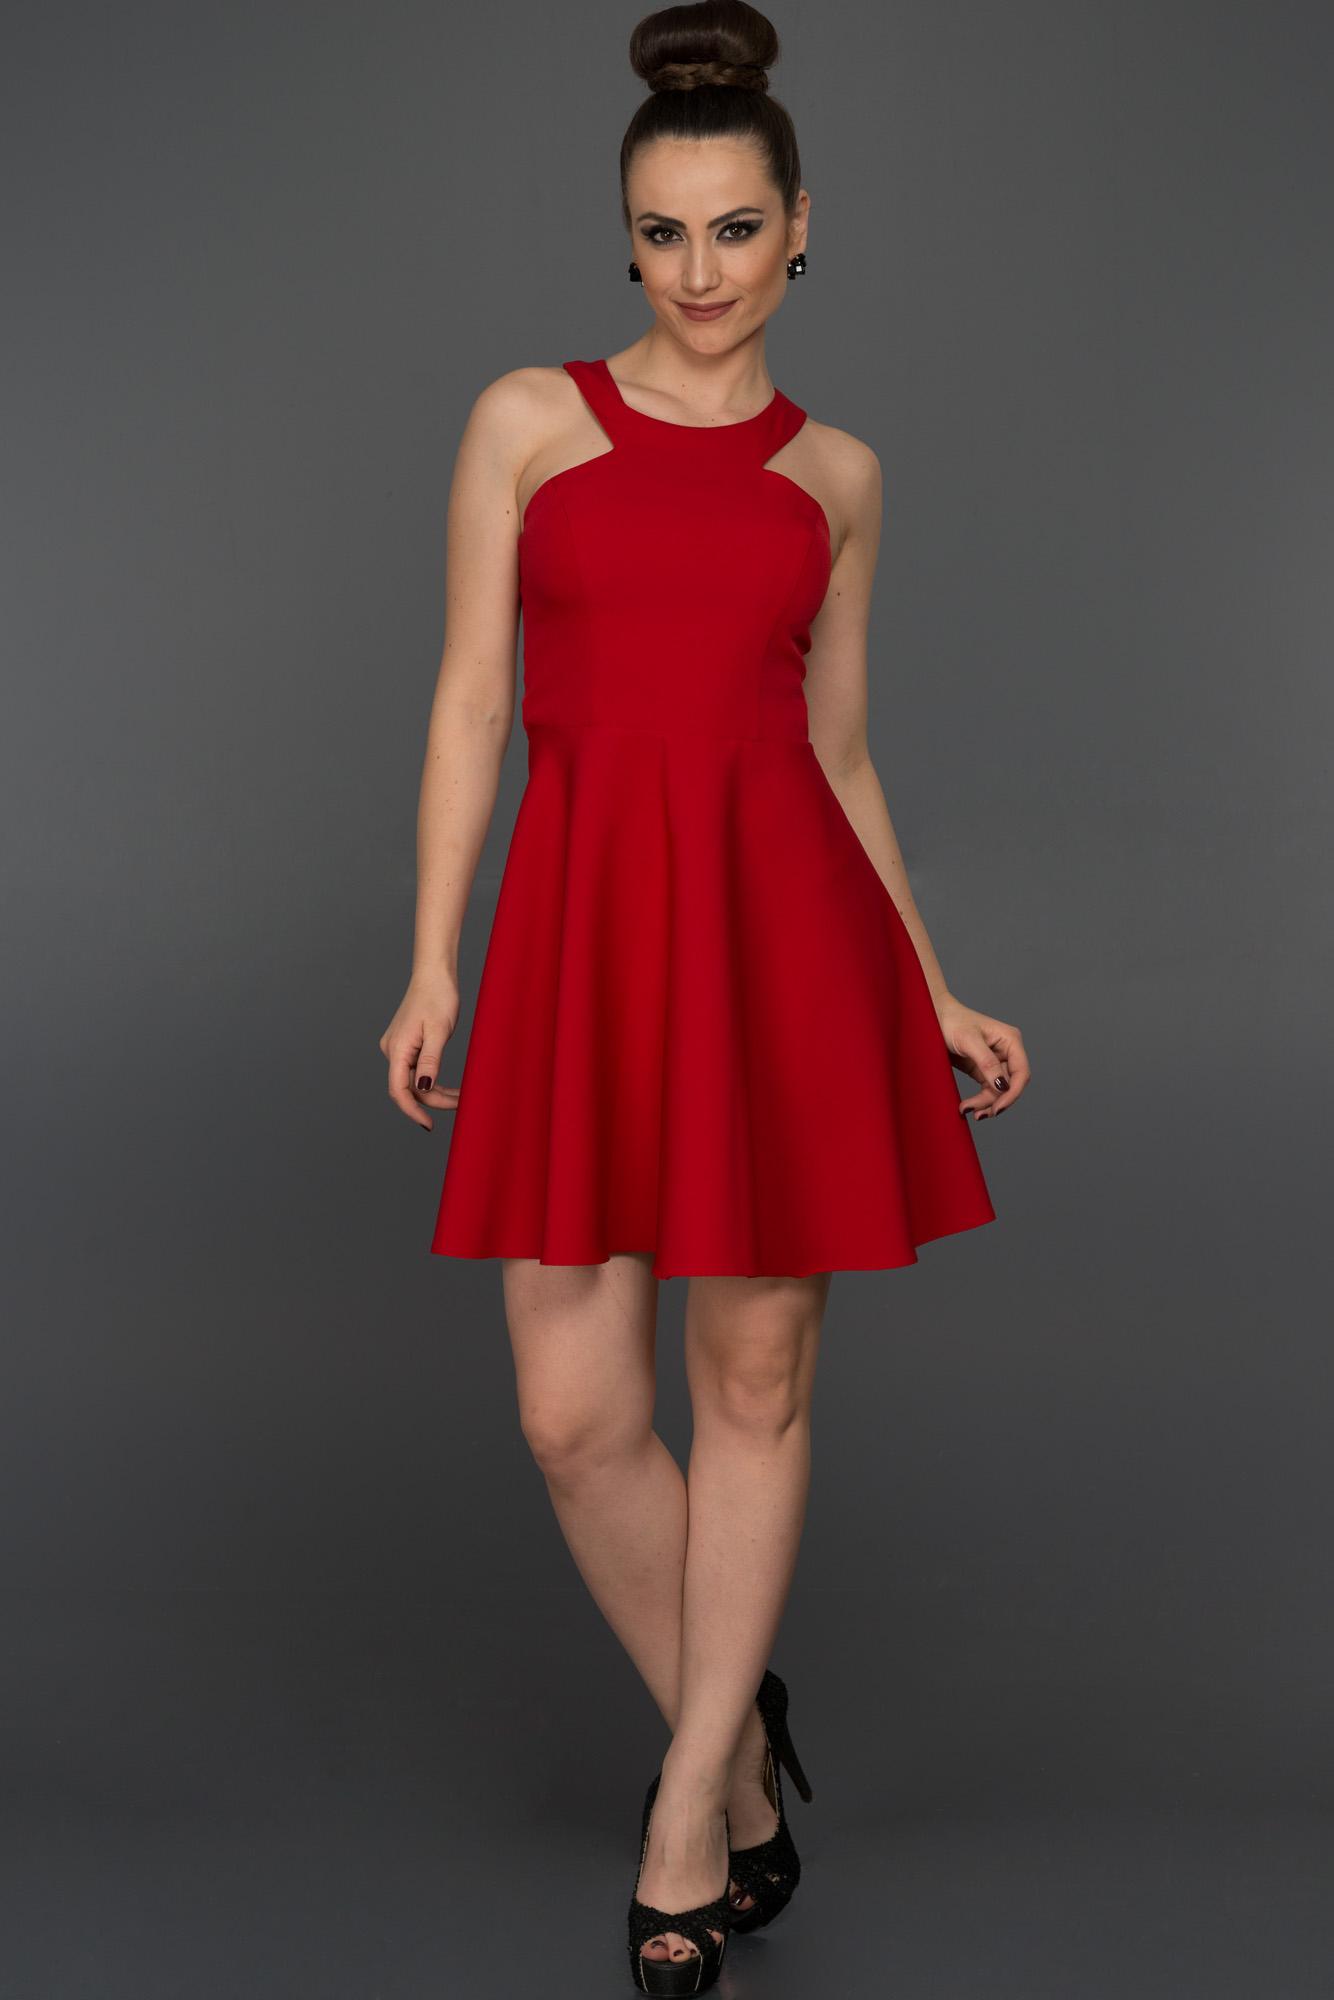 Kırmızı Kısa Düz Abiye Elbise